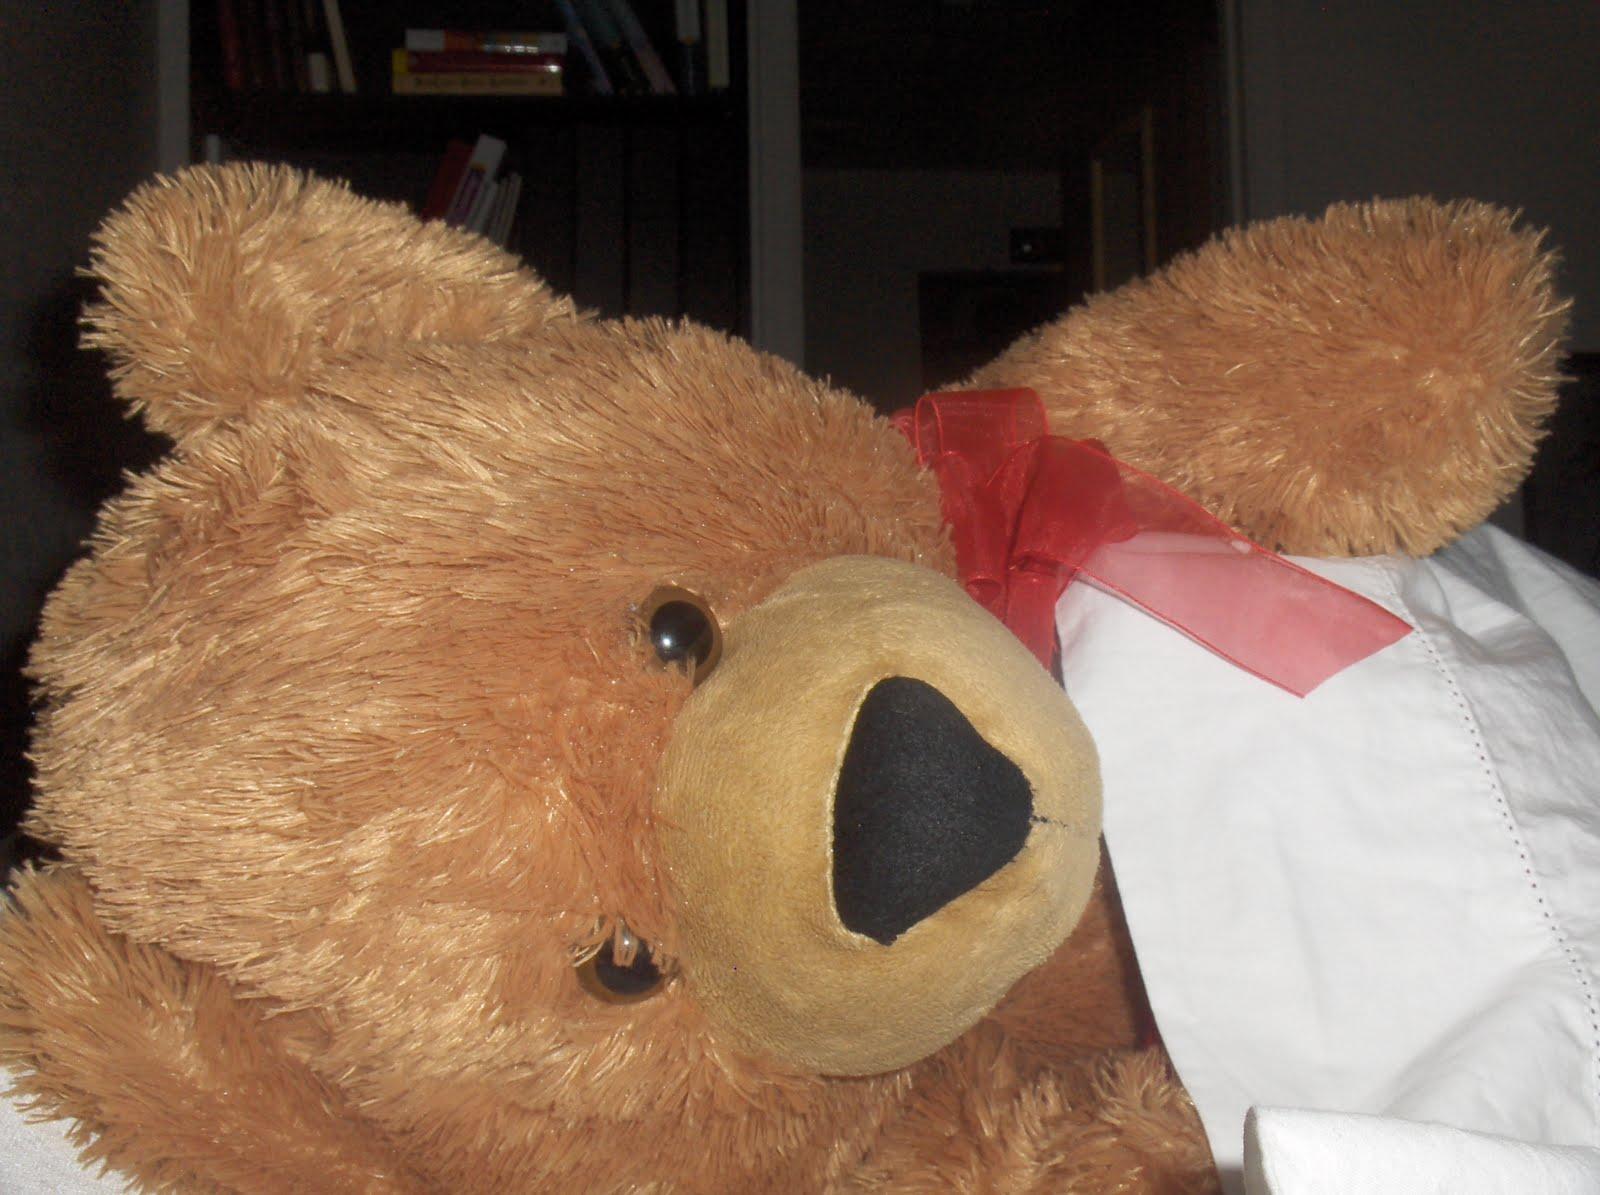 Big Teddy Bears At Walmart Big Teddy Bears At Walmart